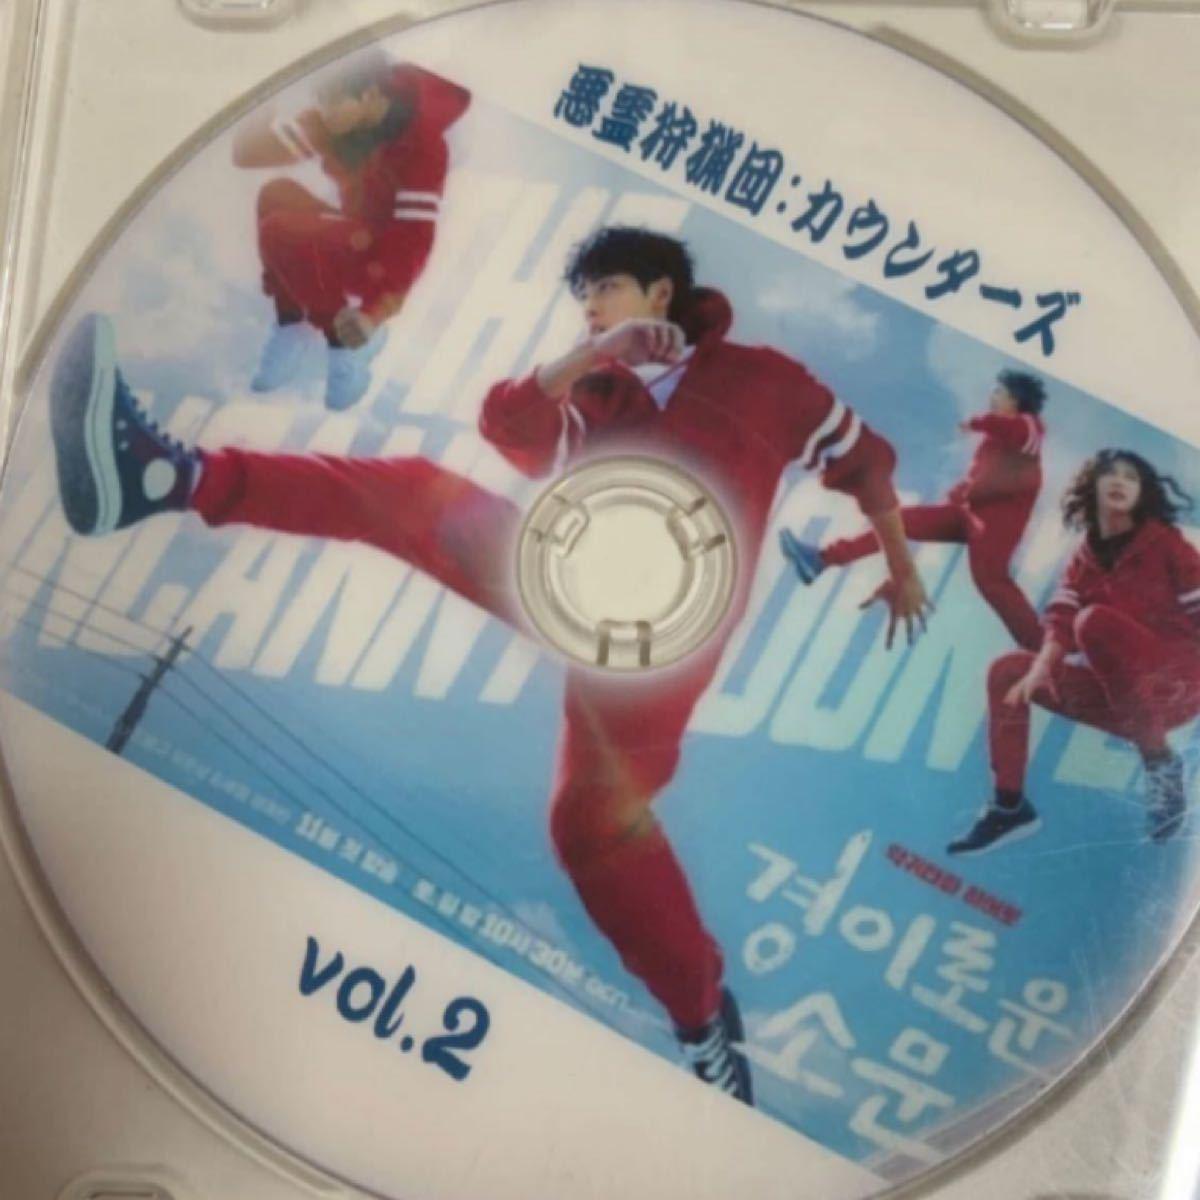 韓国ドラマ 悪霊狩猟団カウンターズ DVD全話【レーベル印刷あり】